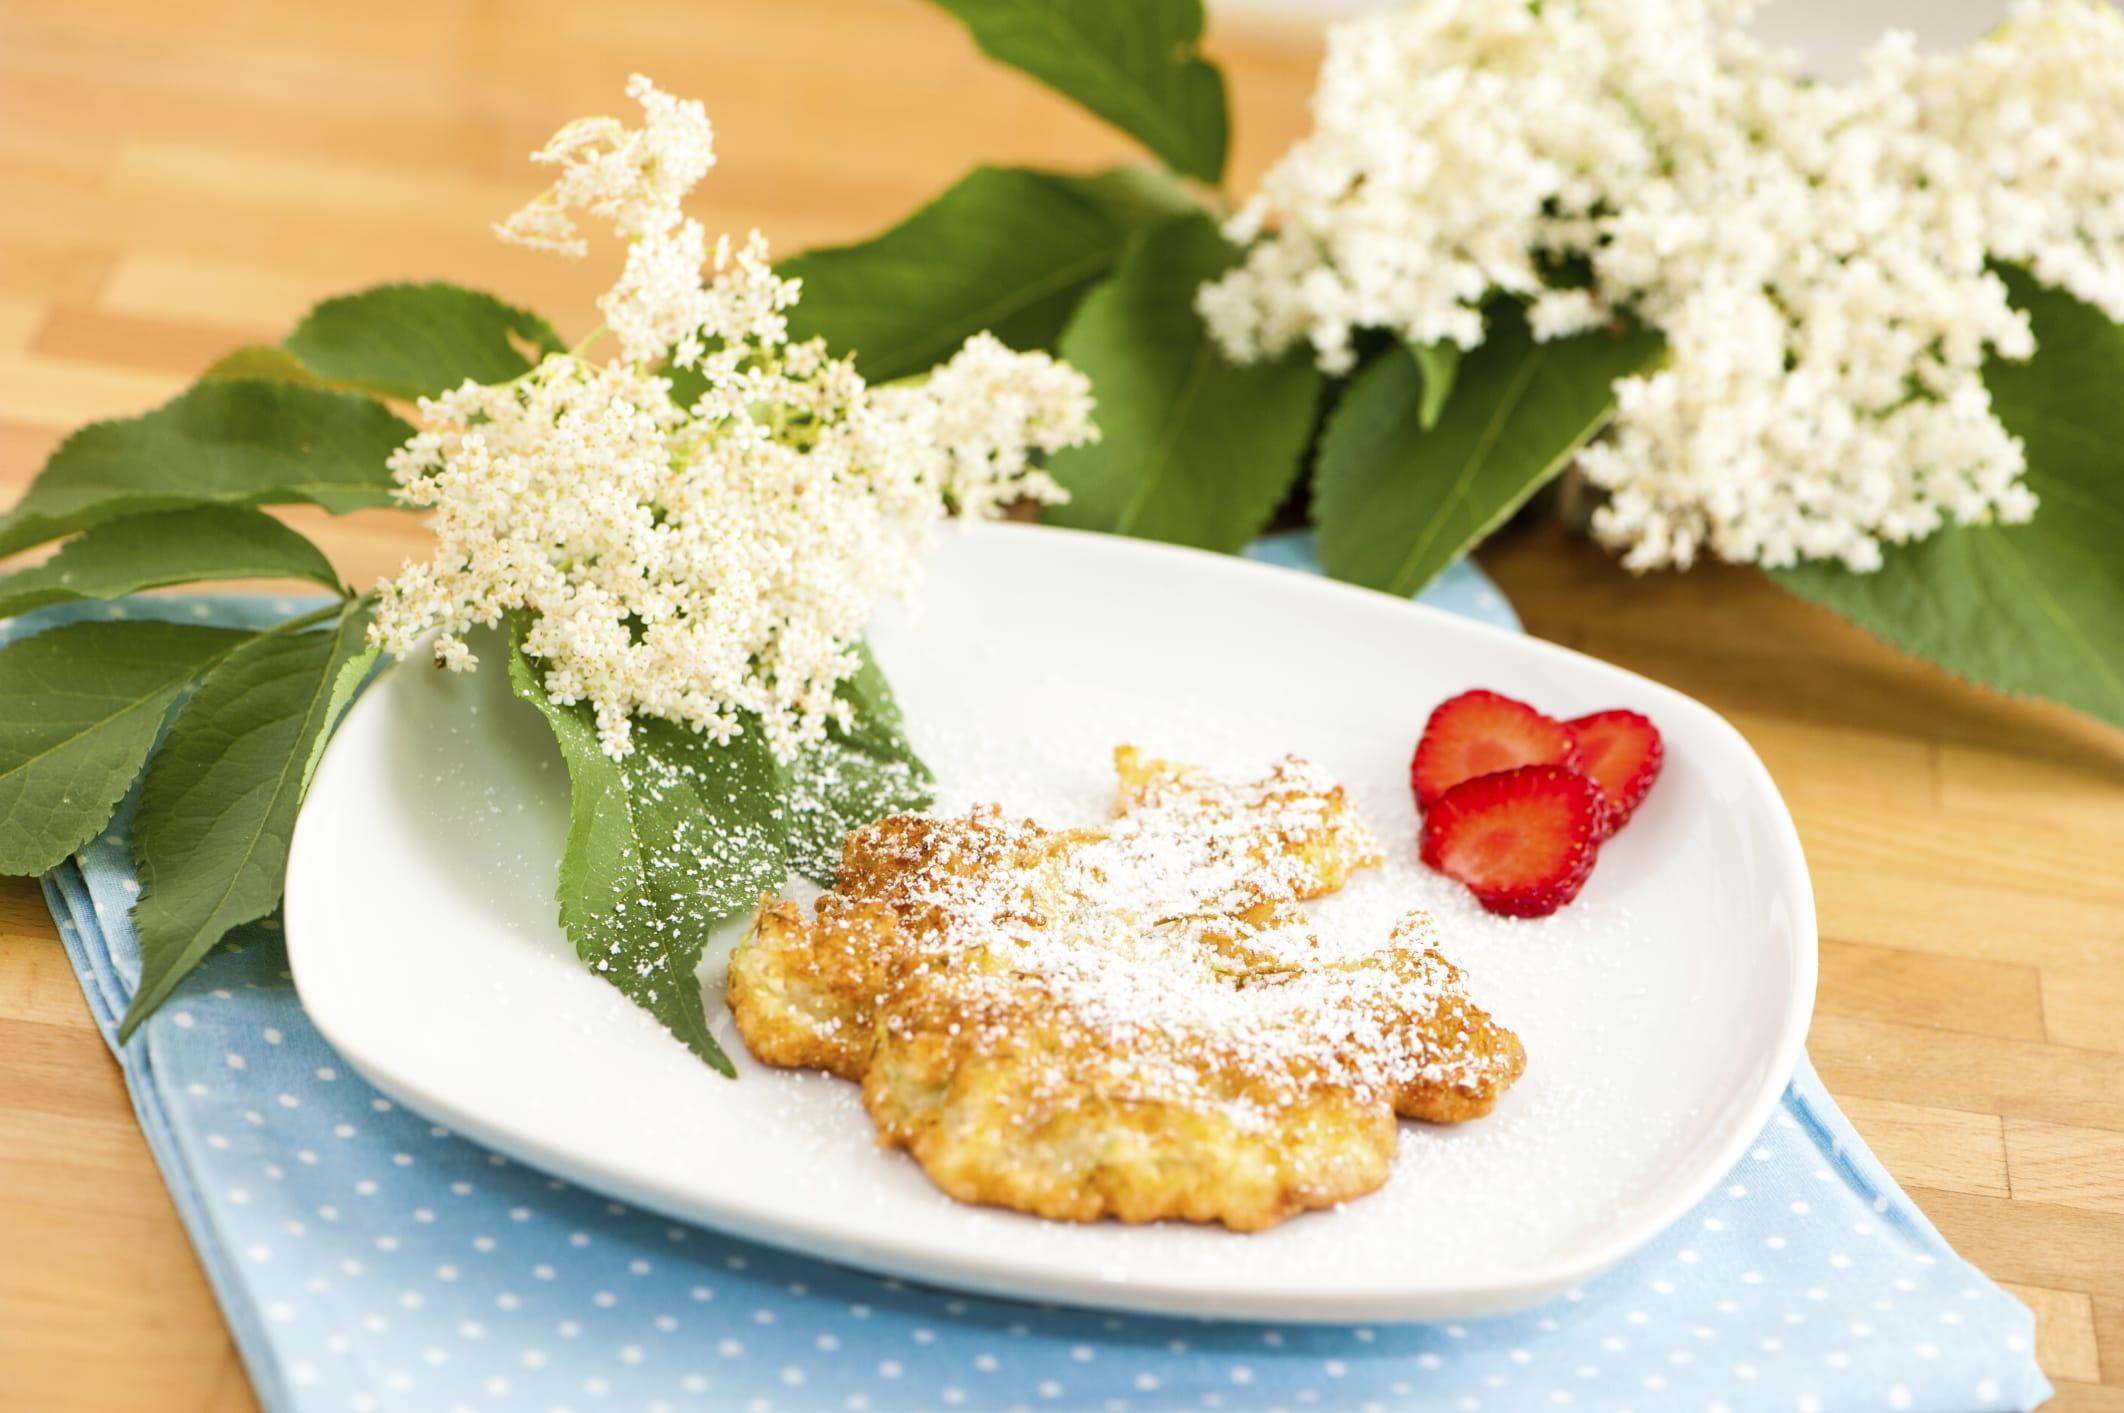 ricetta delle frittelle di fiori di sambuco